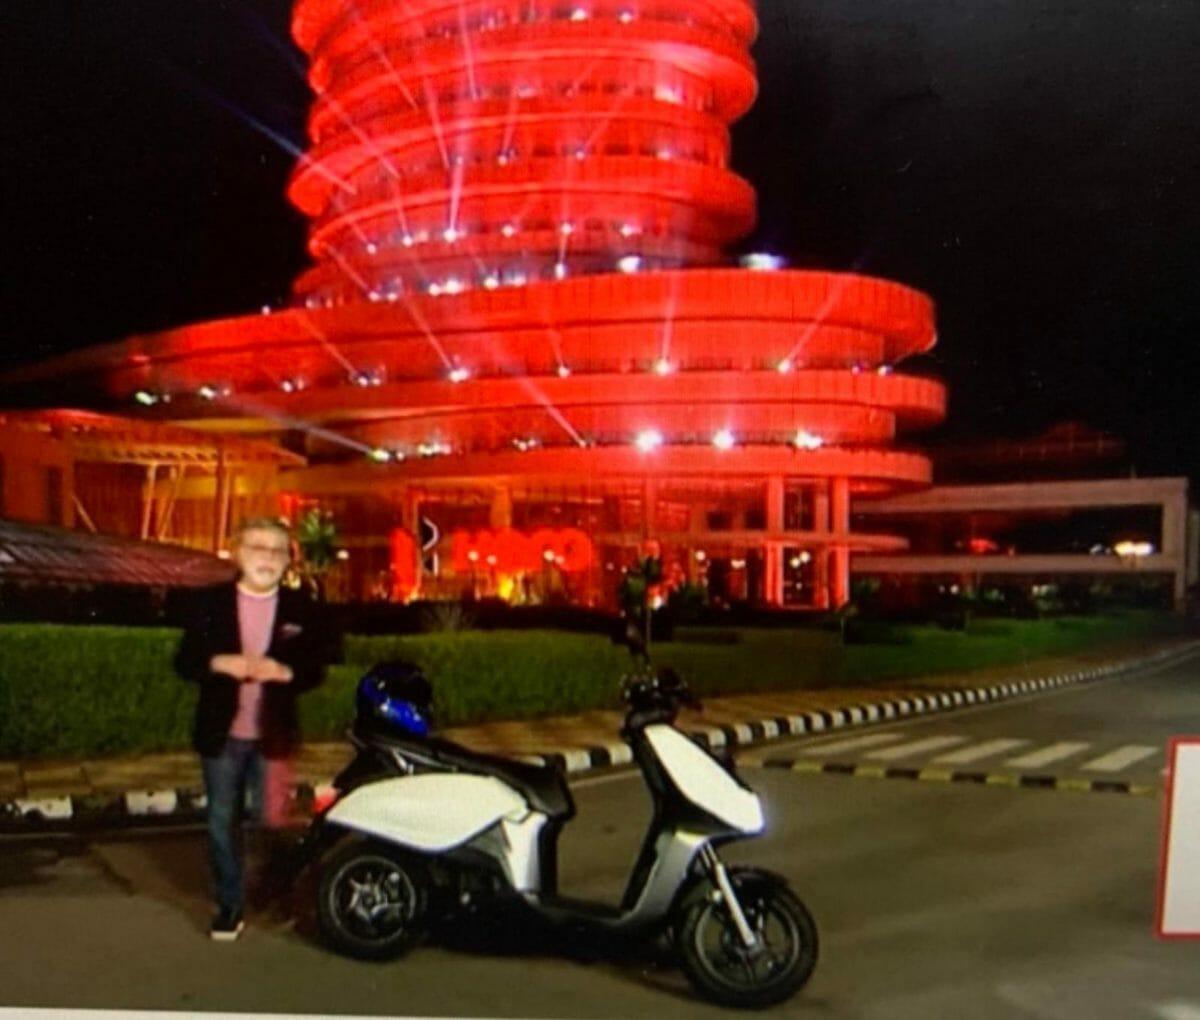 hero motocorp elec pic 1